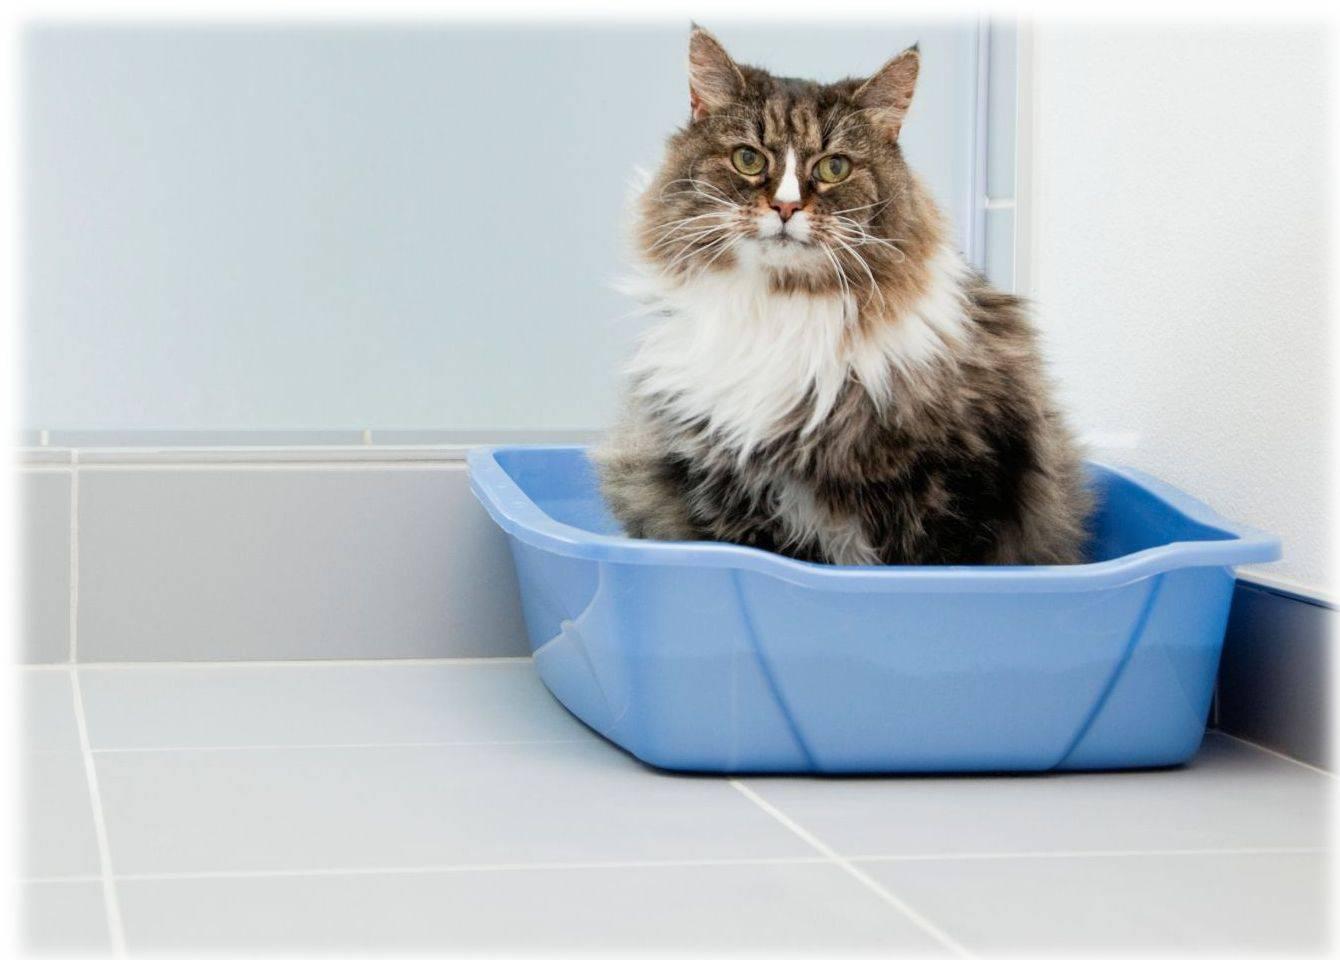 Кошка перестала ходить в лоток: причины и повторное приучение